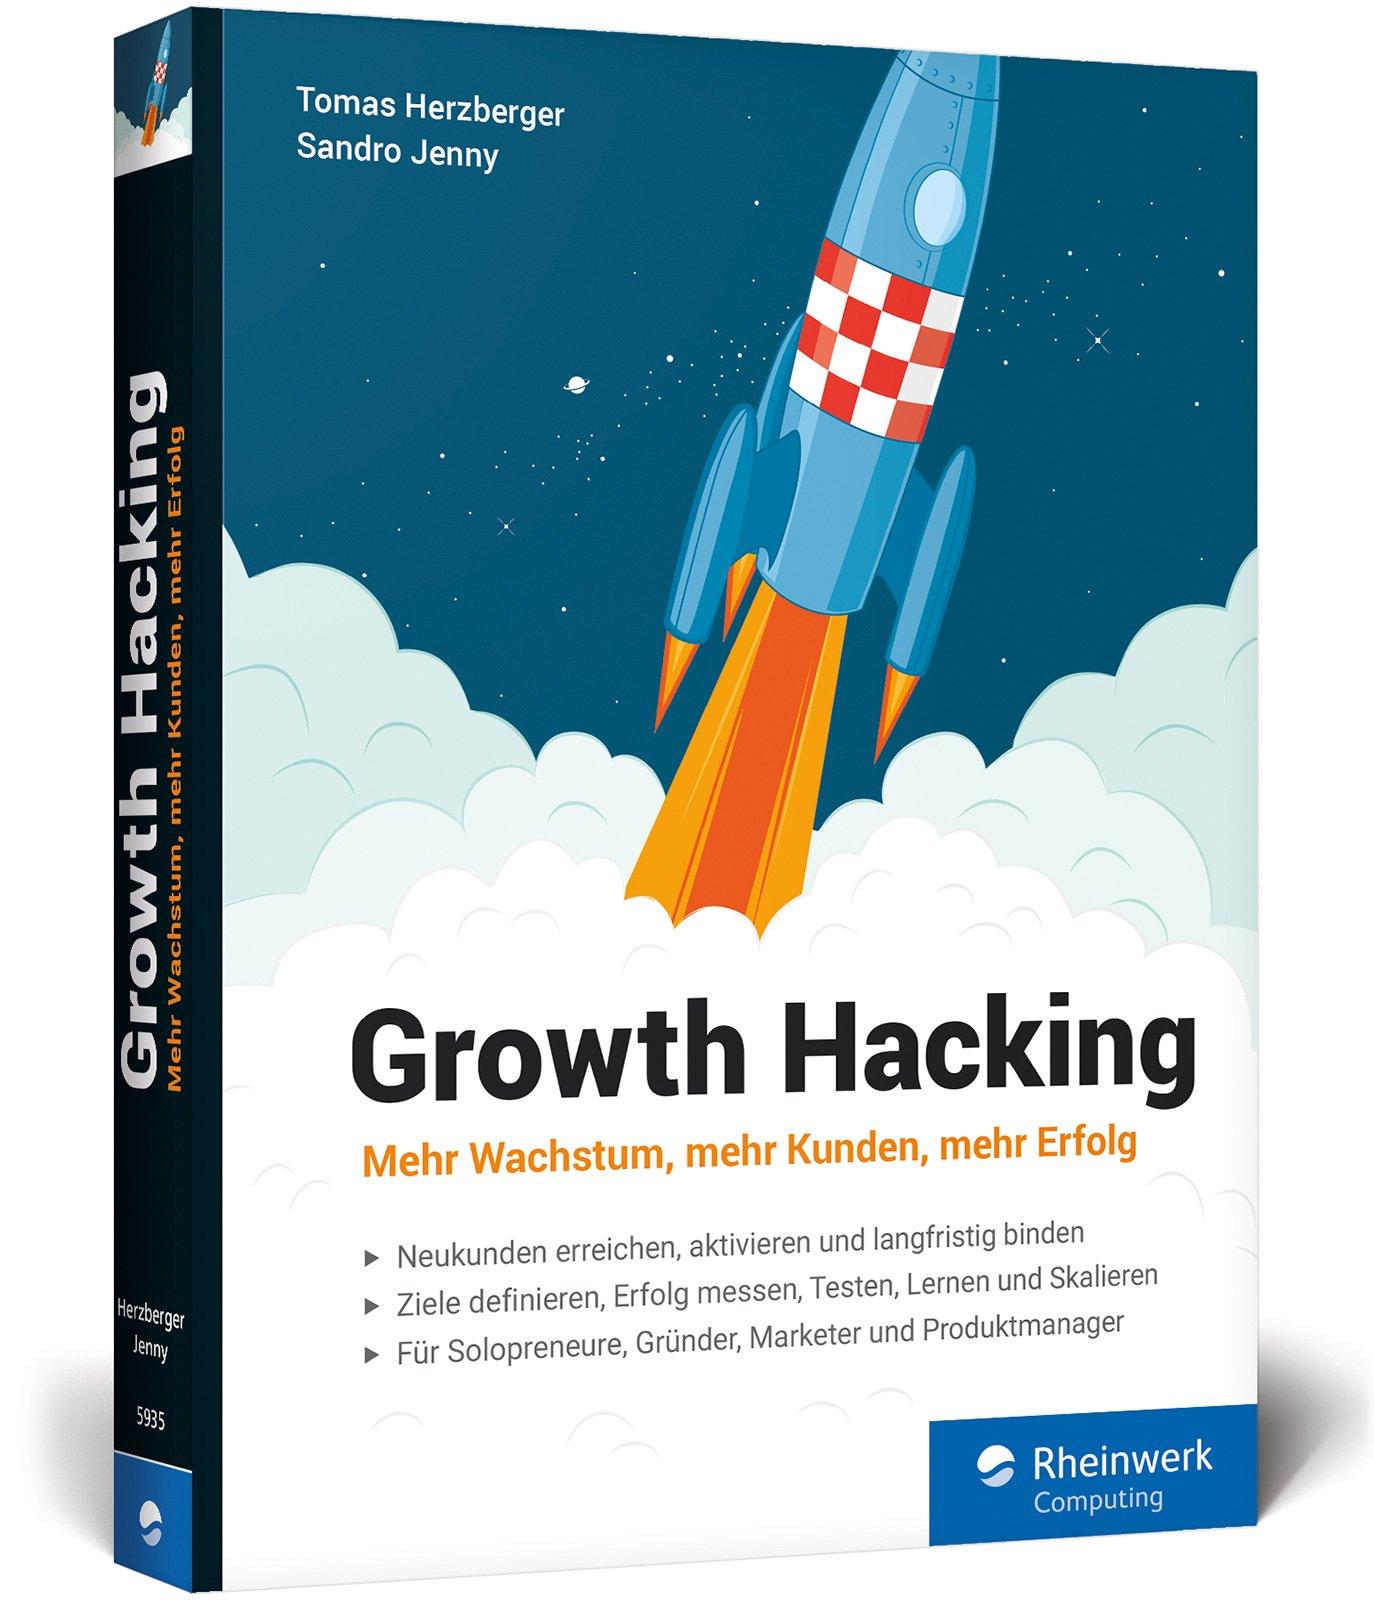 Growth Hacking: Mehr Wachstum, mehr Kunden, mehr Erfolg Broschiert – 27. November 2017 Sandro Jenny Tomas Herzberger Rheinwerk Computing 3836259354